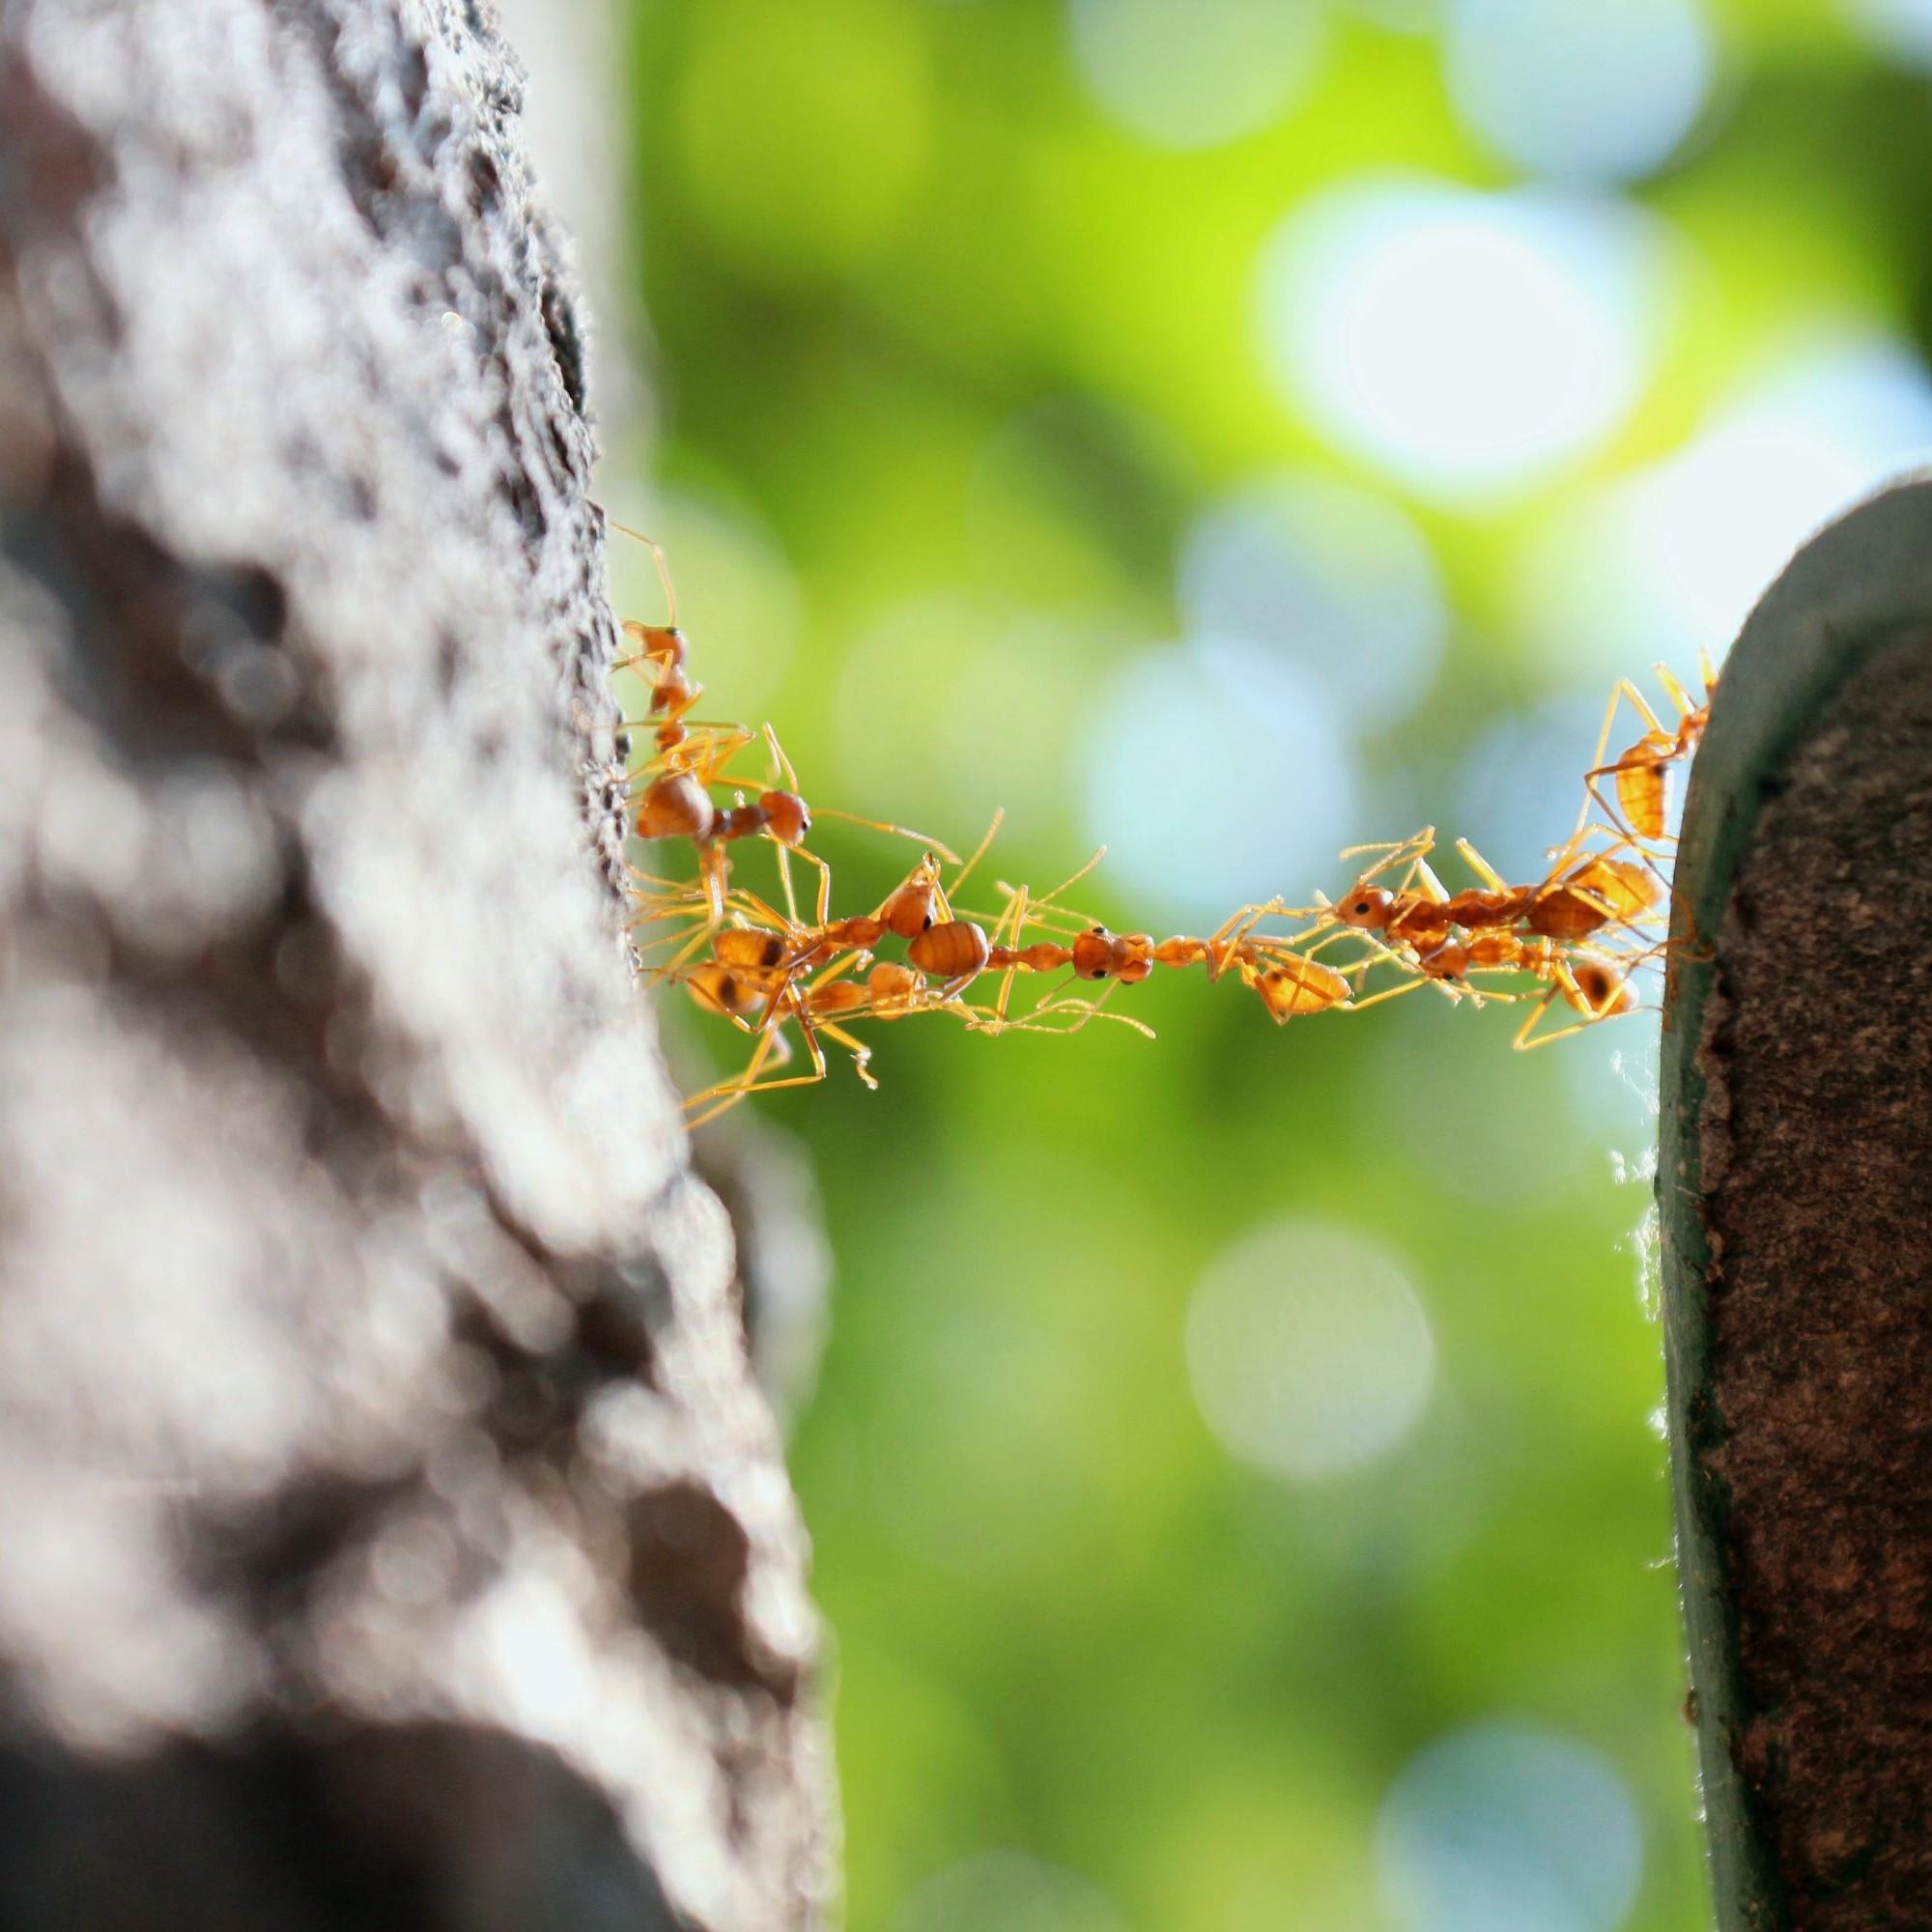 Ameisen bilden eine Brücke